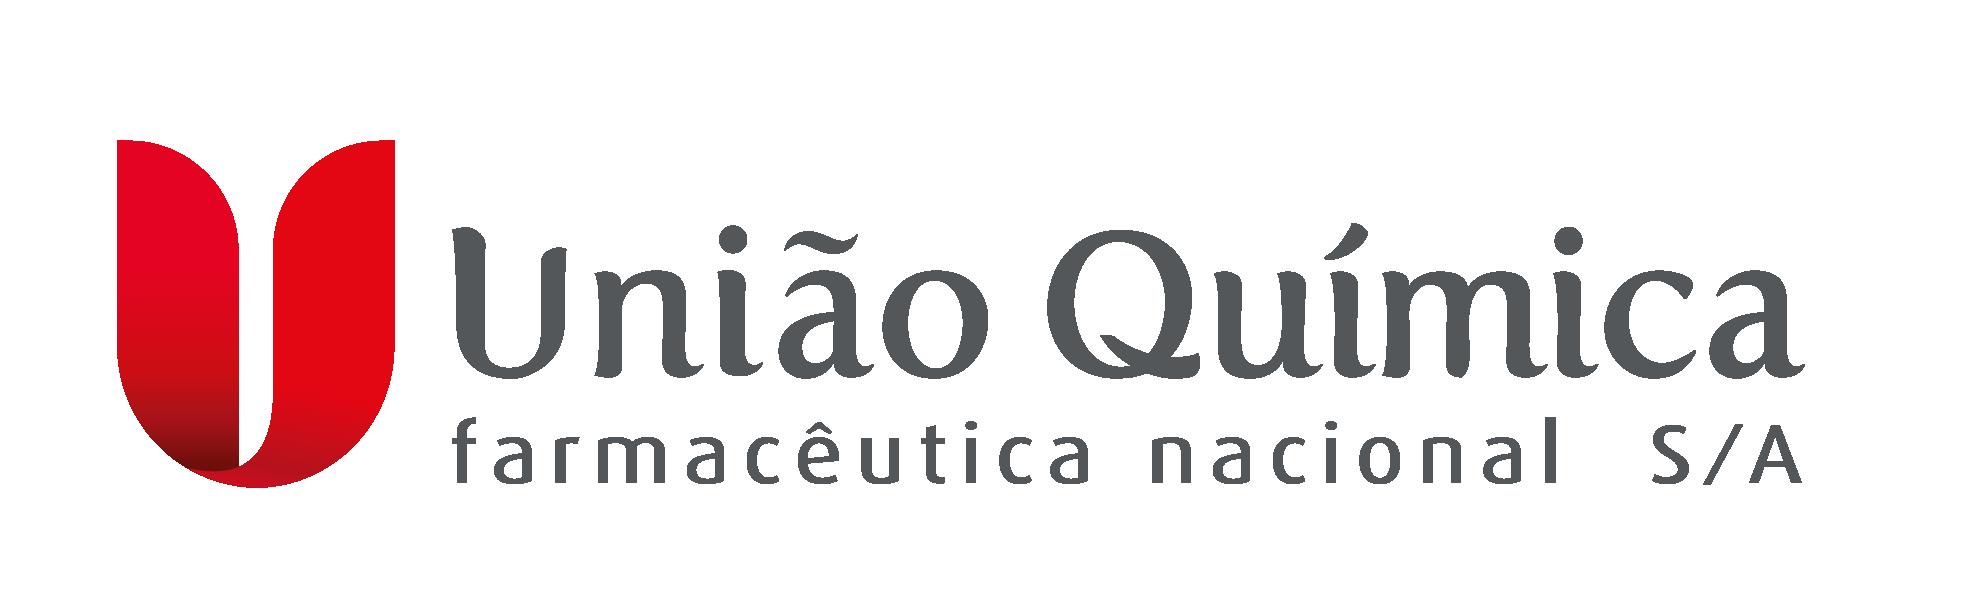 União Química - Farmacêutica Nacional SA